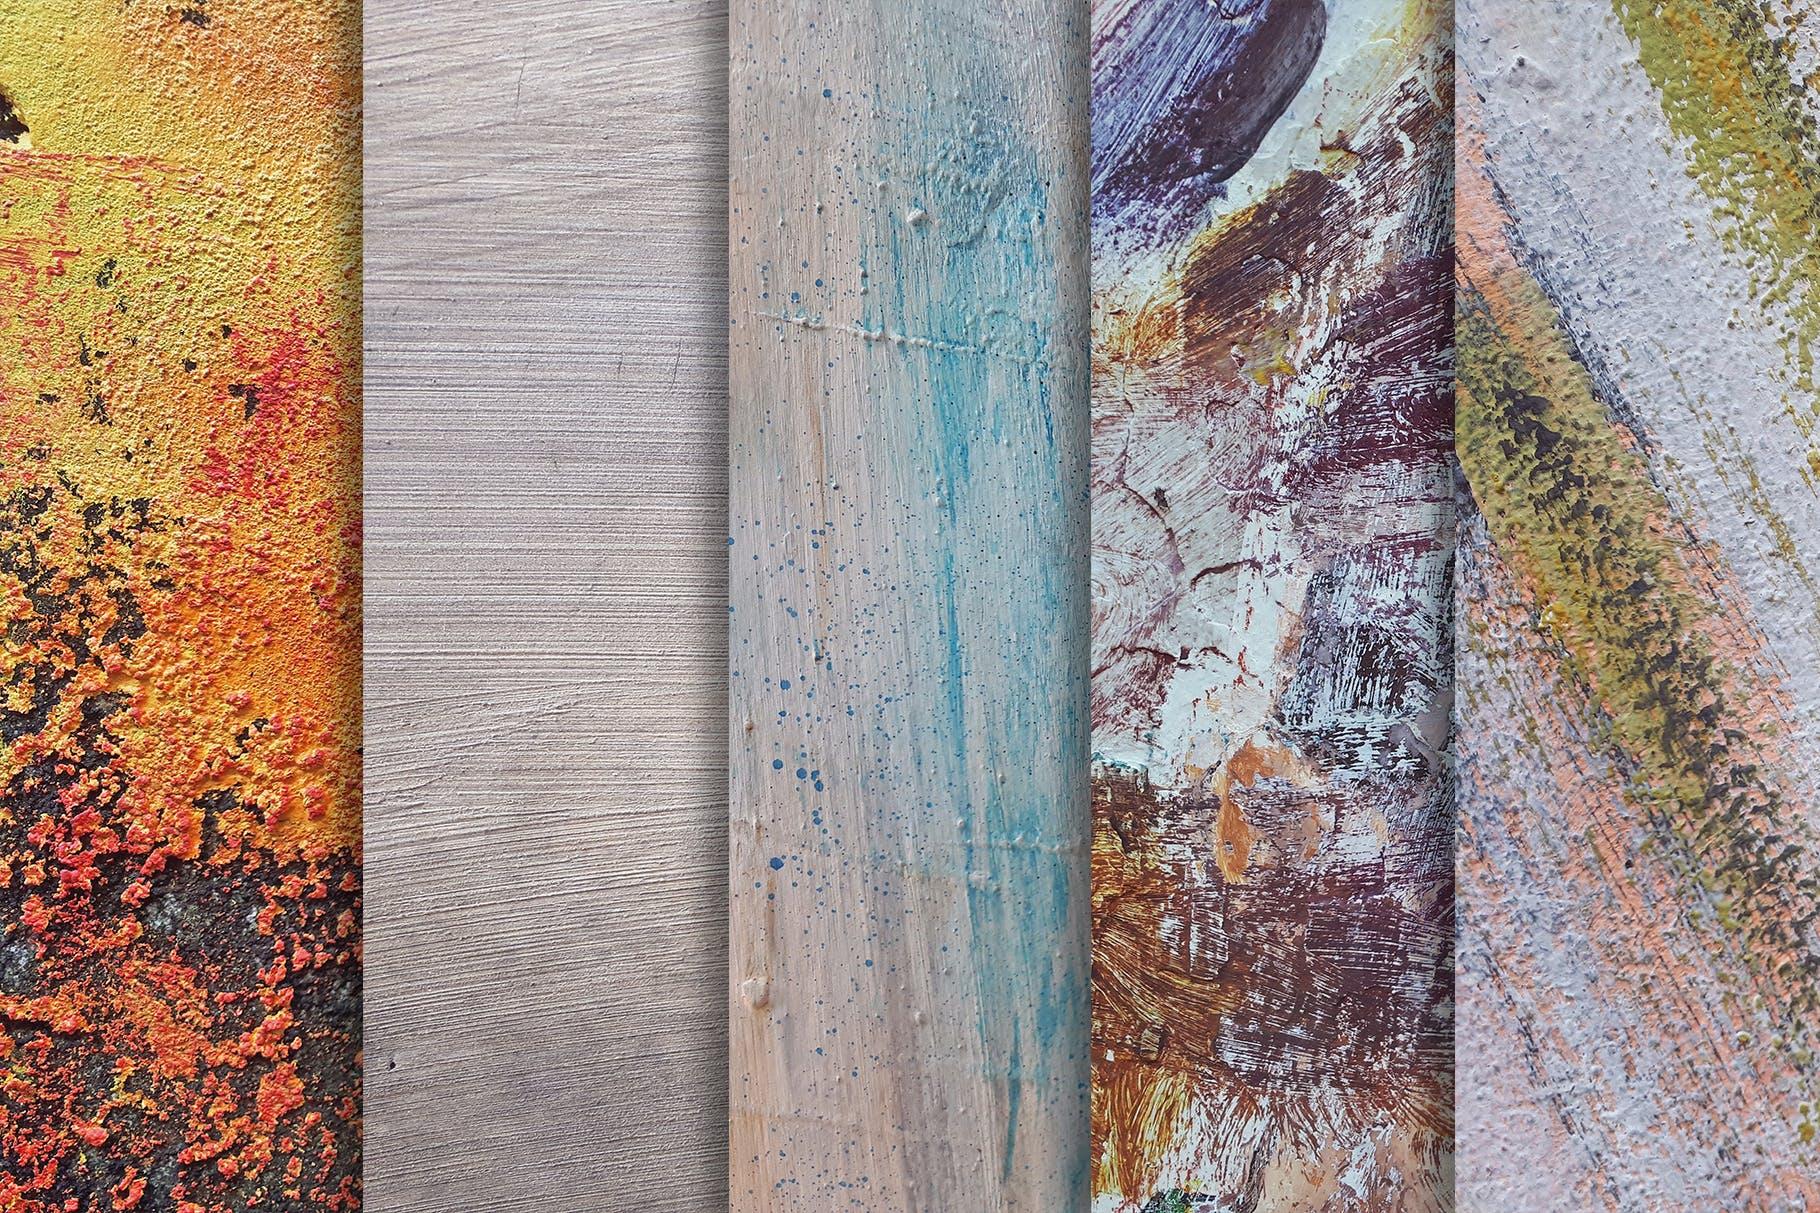 10款高清破裂做旧涂料油漆背景纹理素材 Paint Textures x10插图(1)